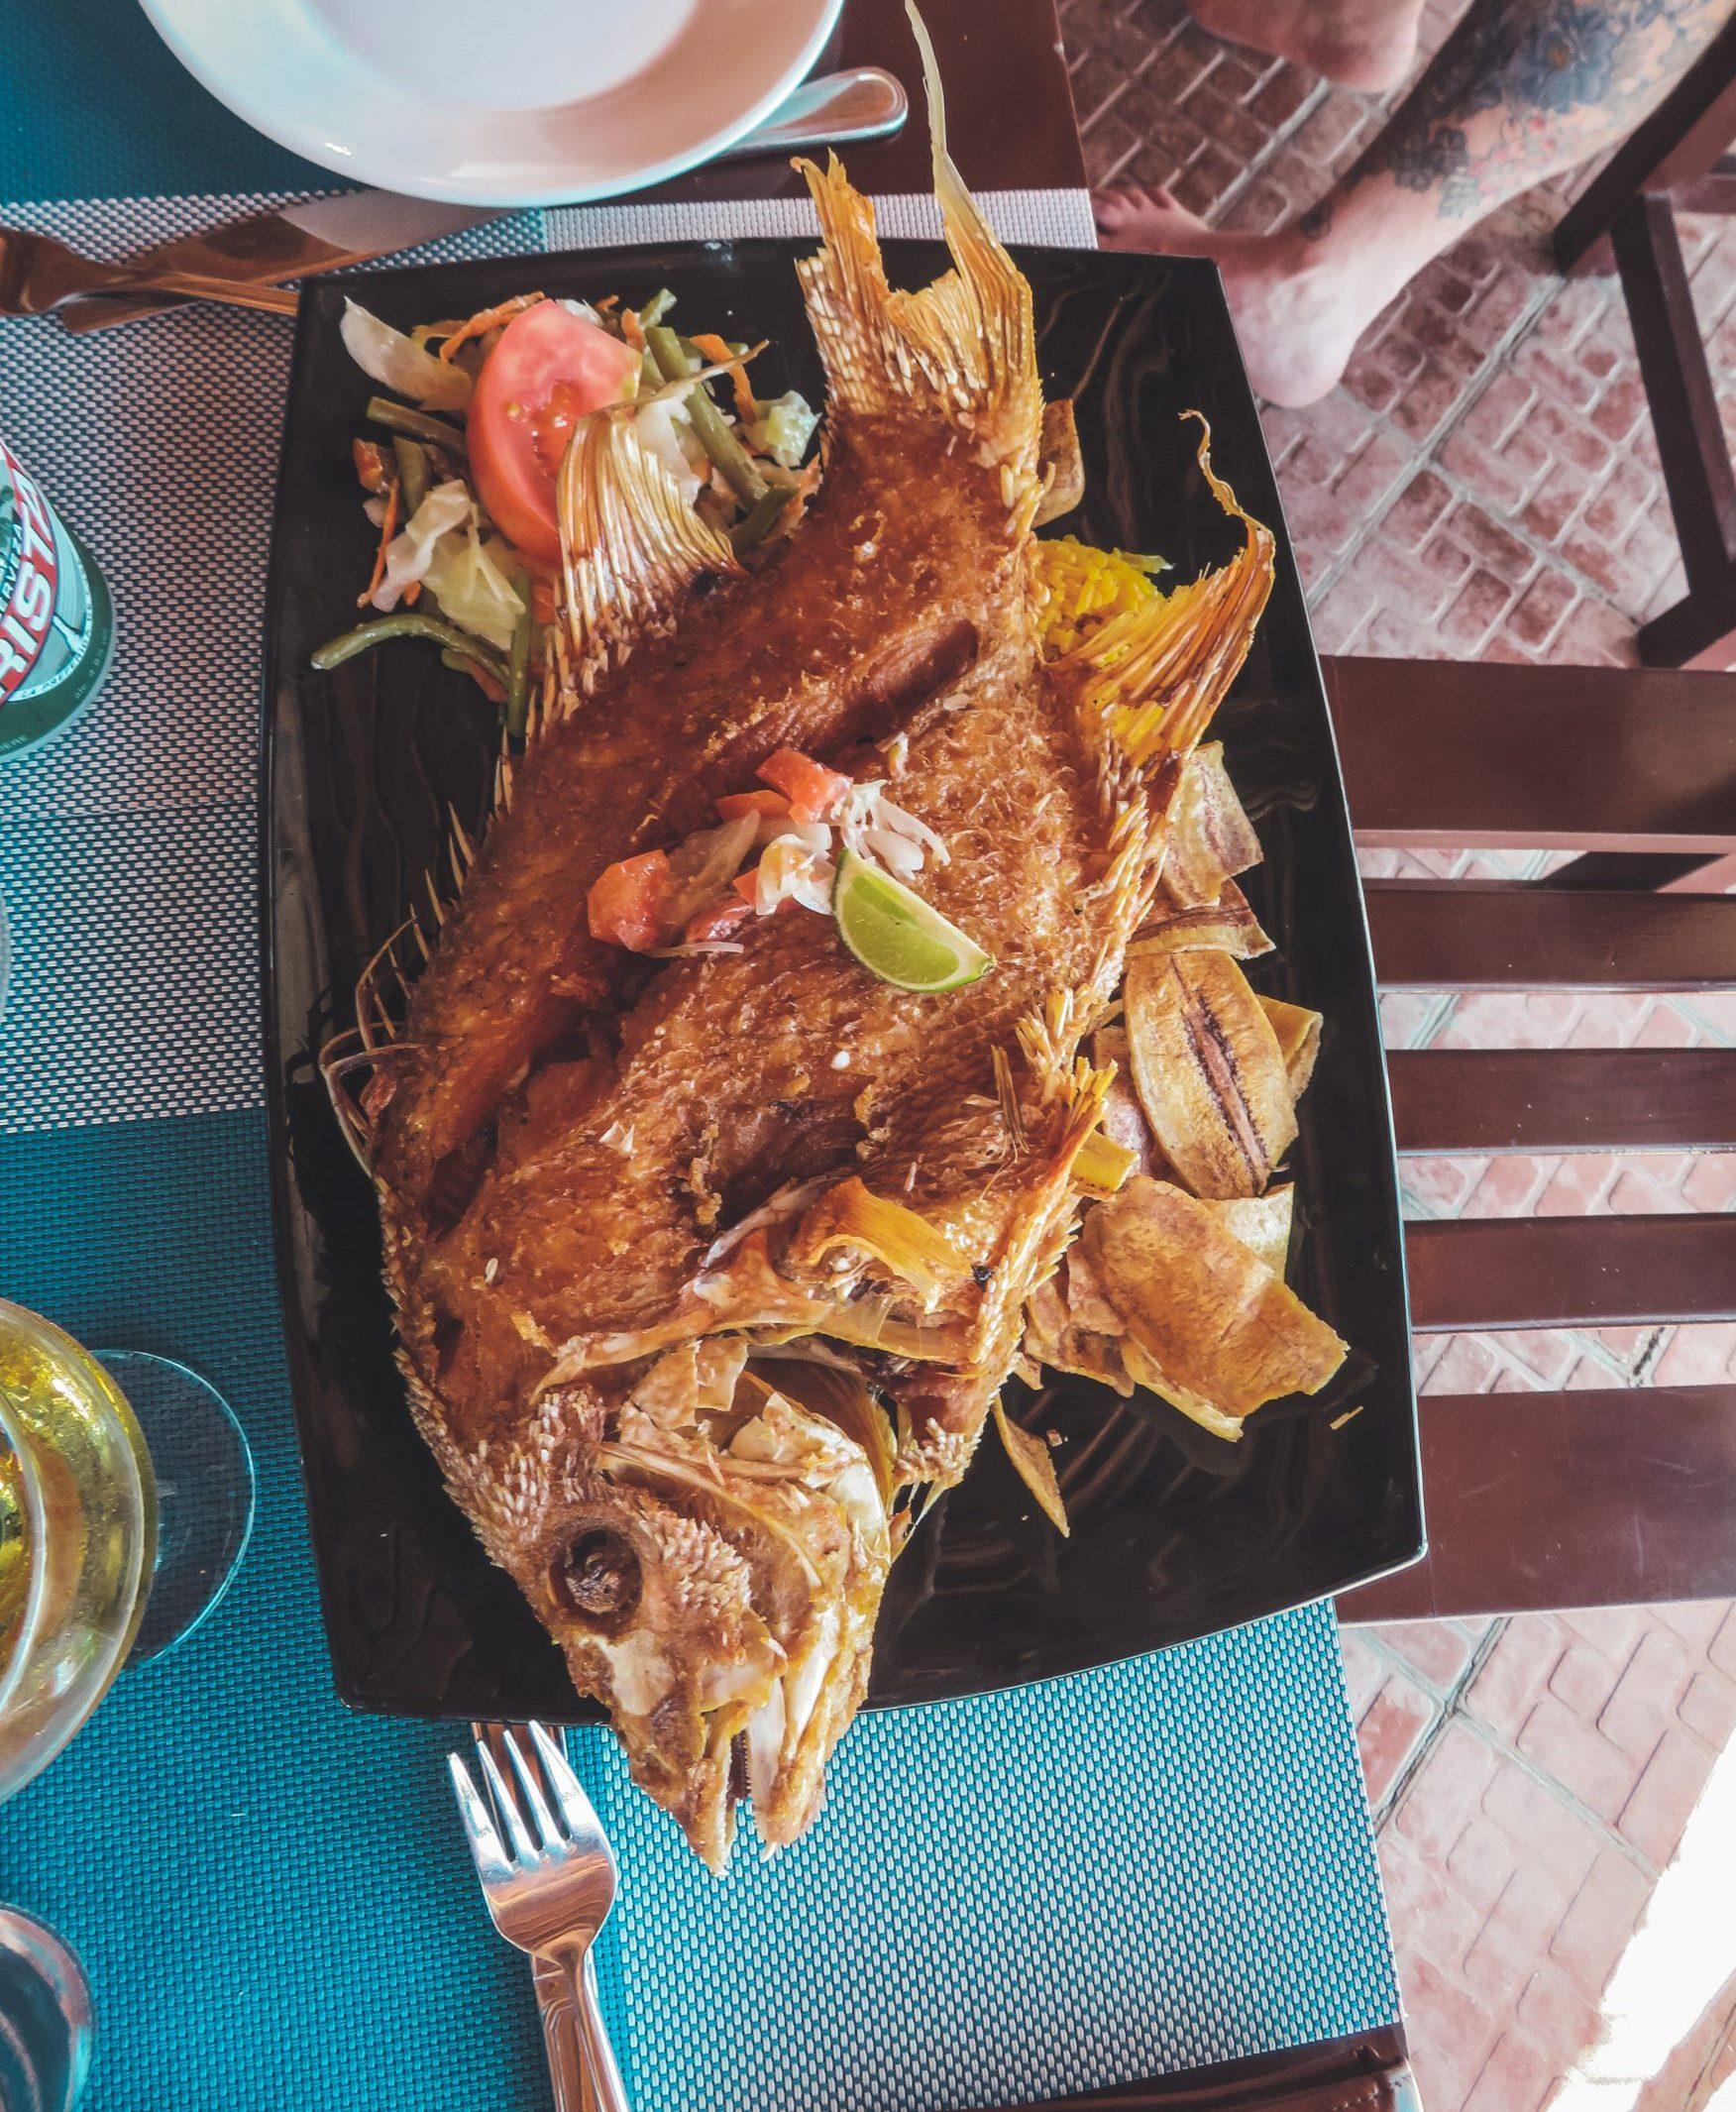 Kuba kulinarisch